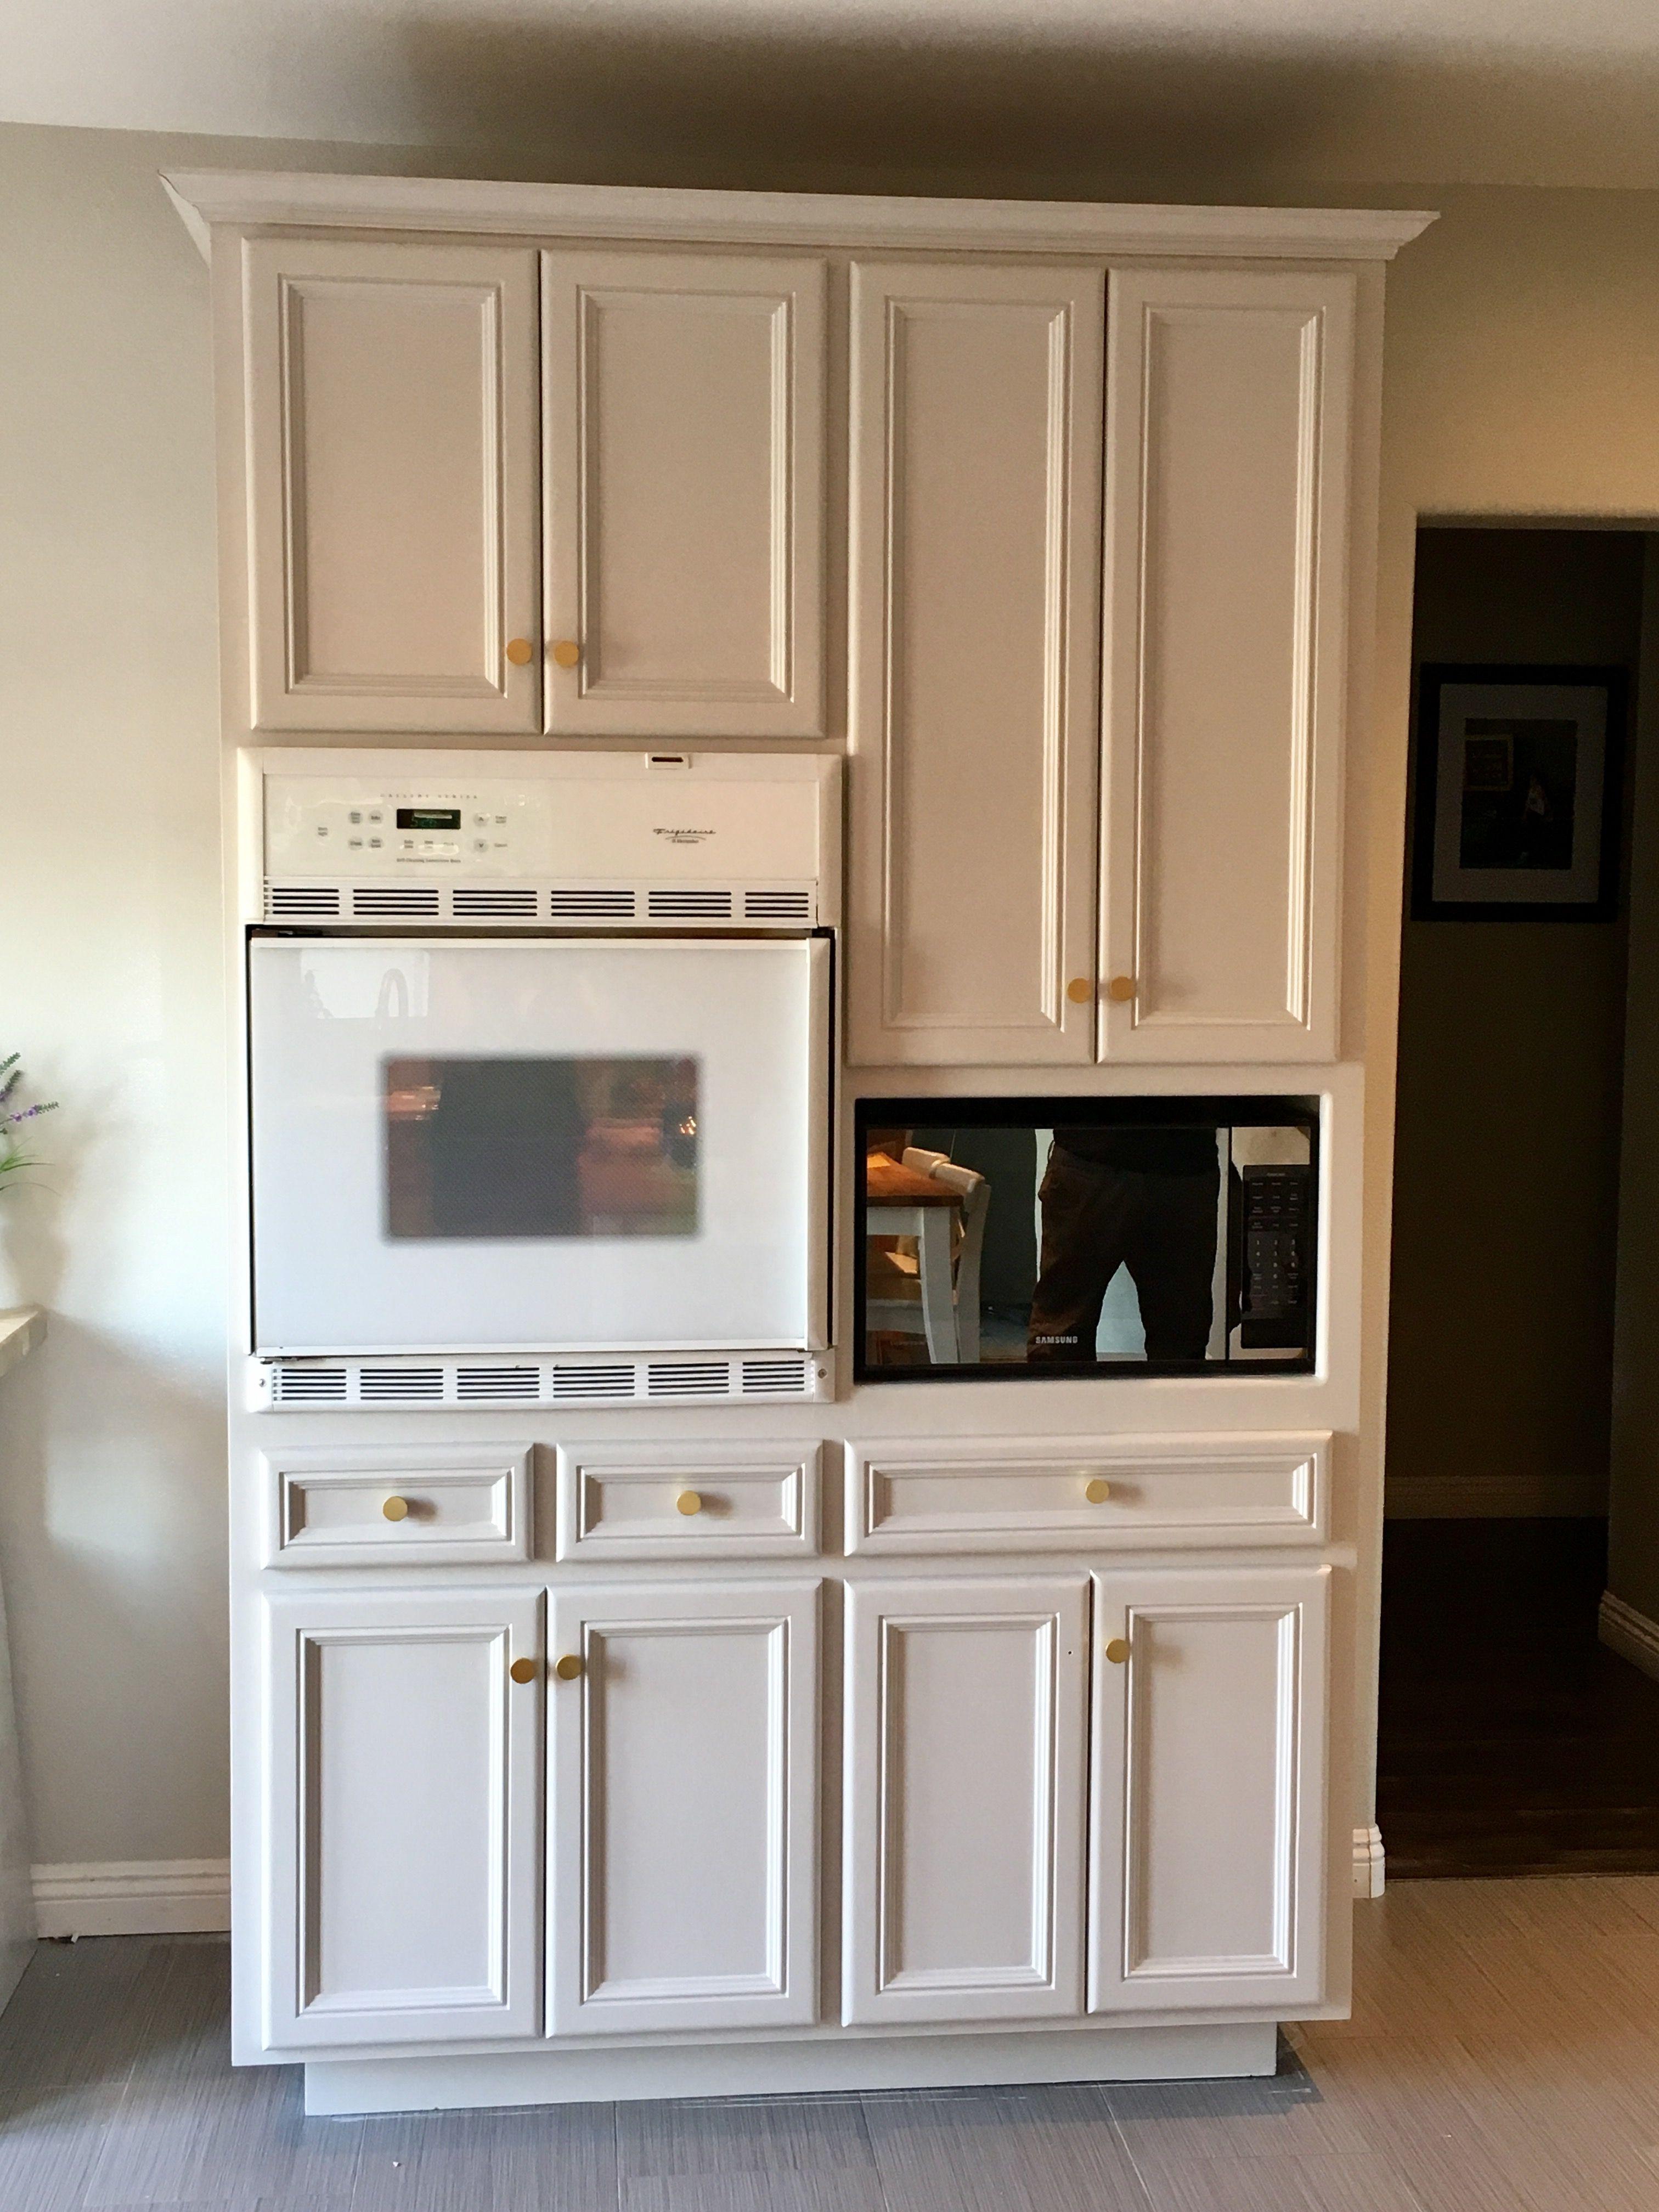 Painted kitchen cabinet using Valspar Cabinet Paint